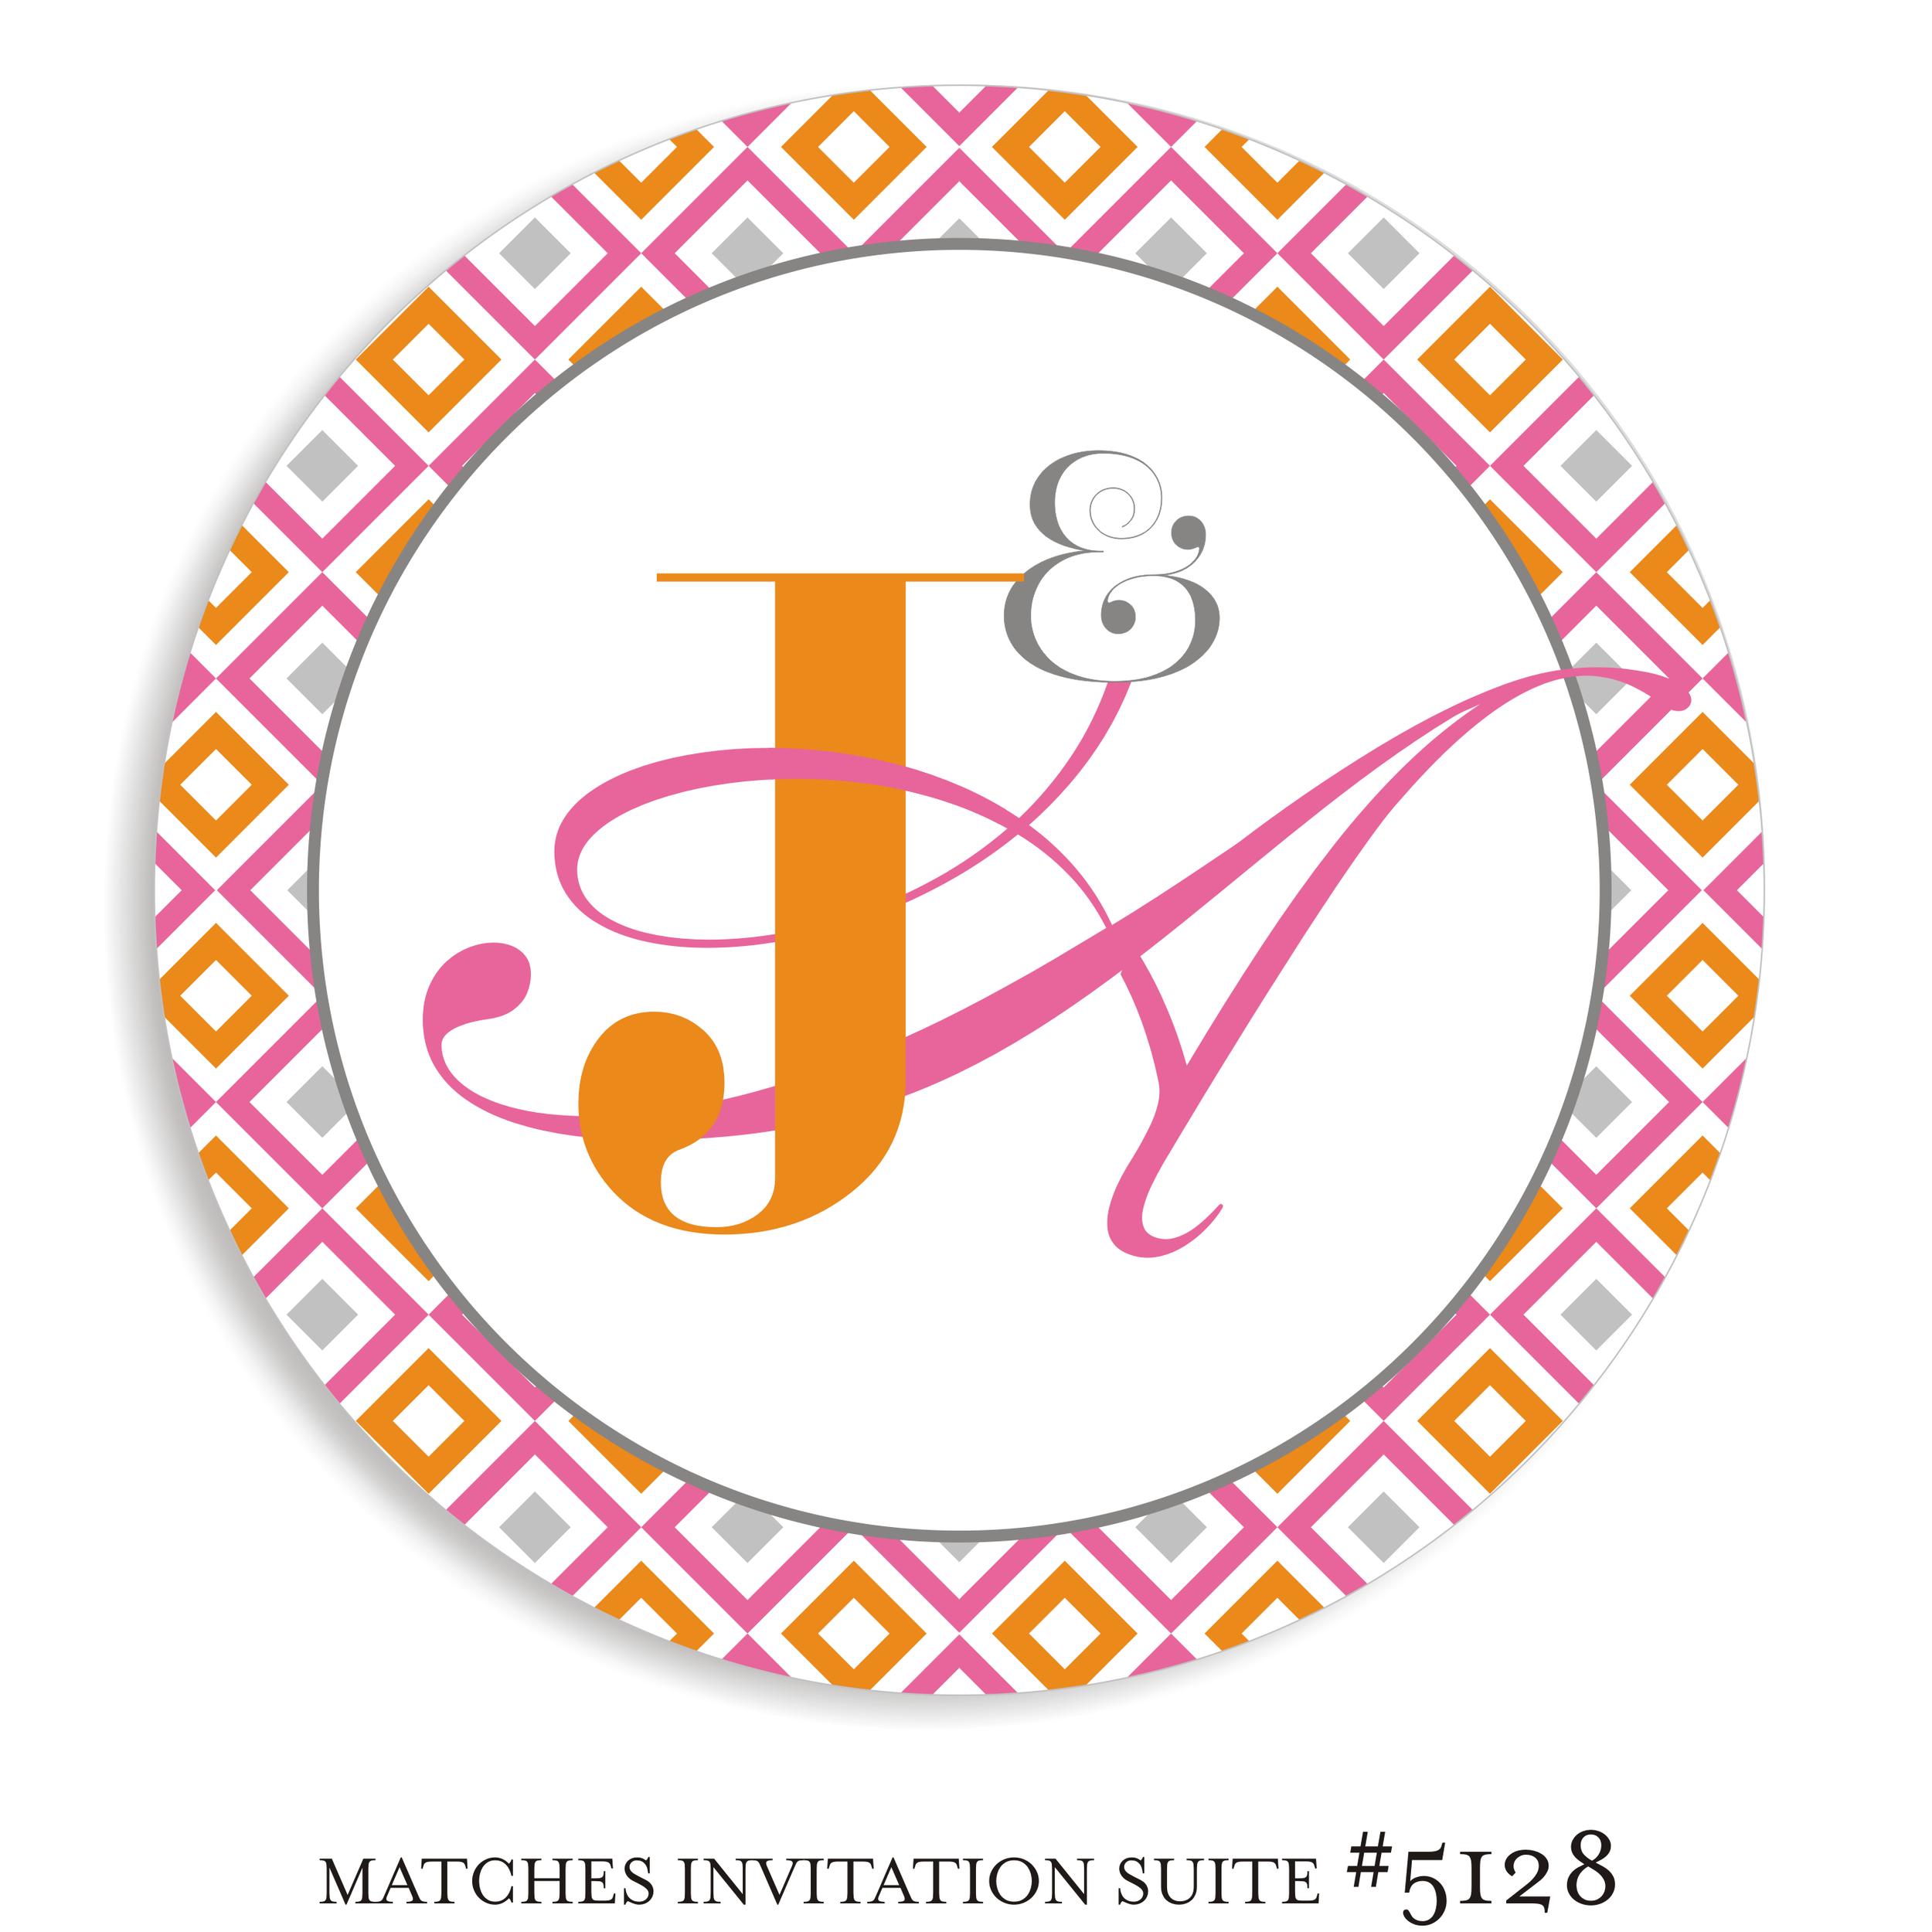 Dancefloor Decal B'not Mitzvah Suite 5128 - Jennifer & Alexandra